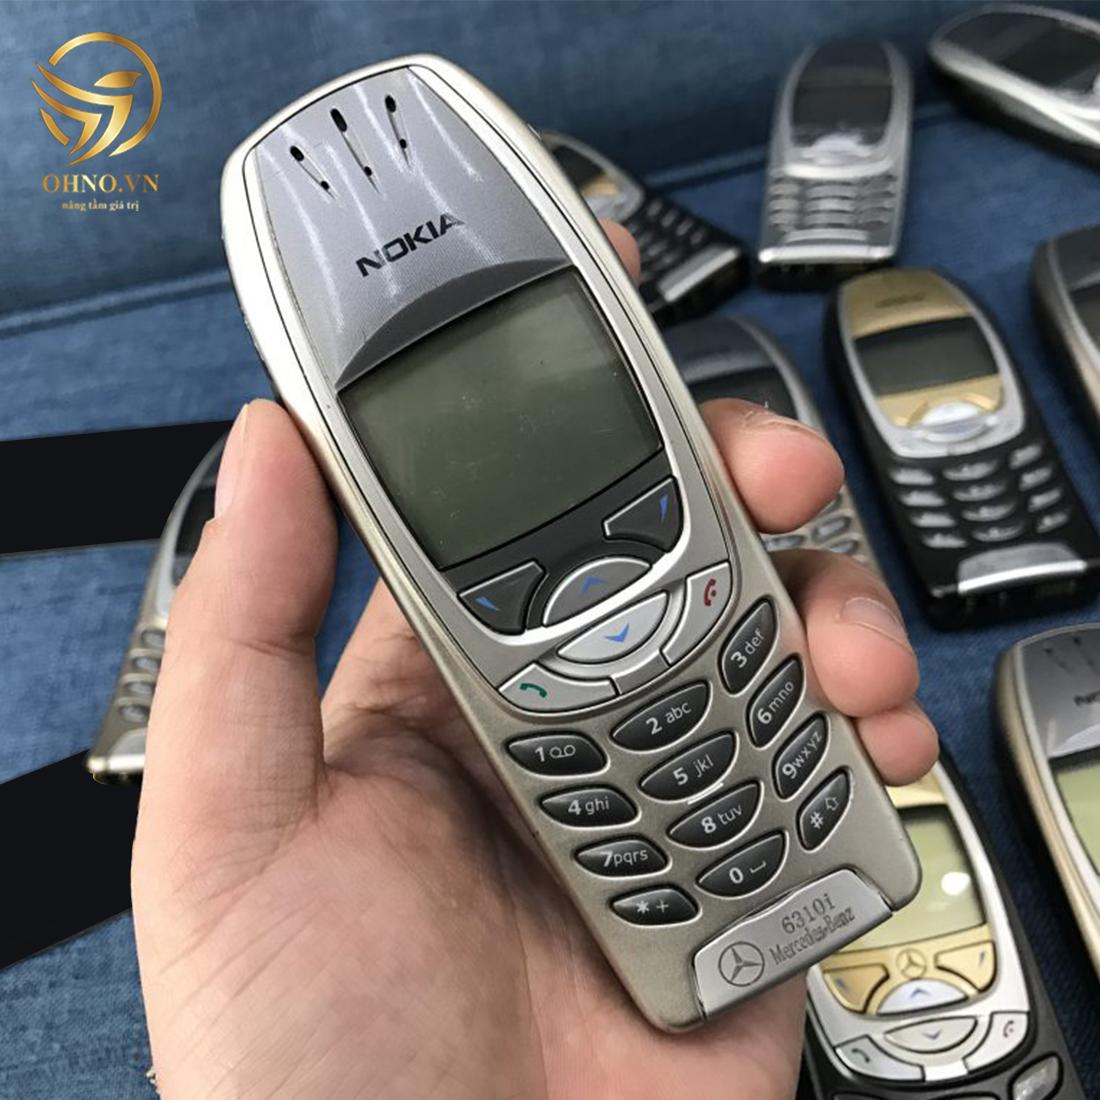 điện thoại chính hãng Nokia cổ 6310i